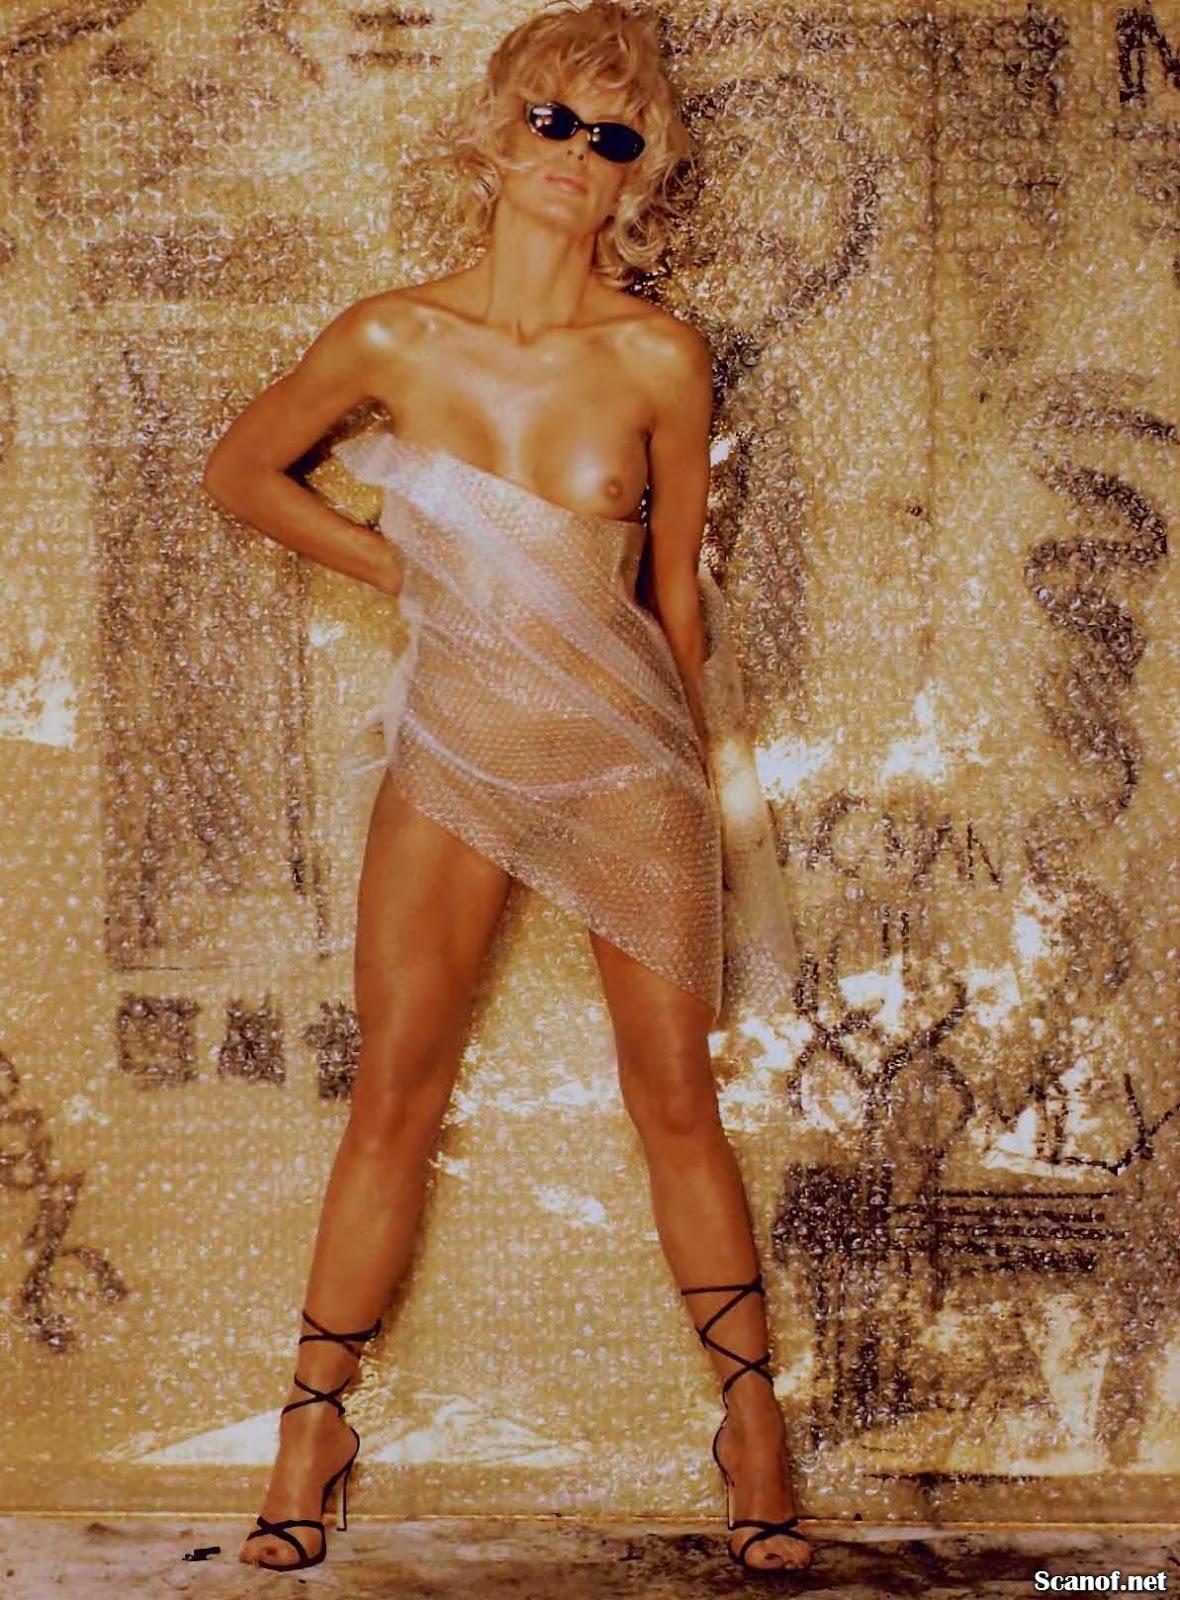 Nude farrah fawcett Celebrities who